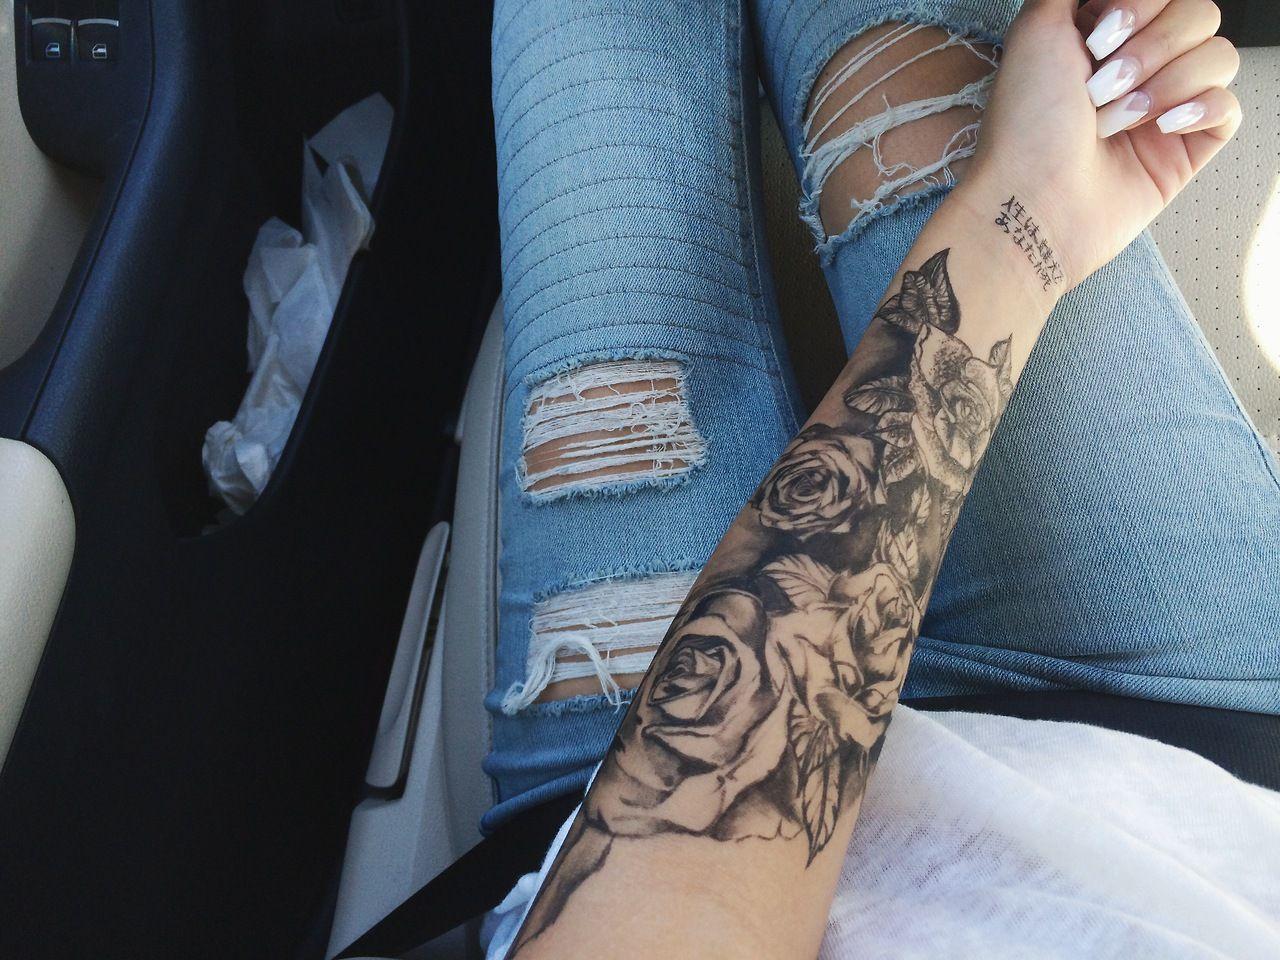 Entzückend Tattoo Ideen Unterarm Beste Wahl Sleeve.